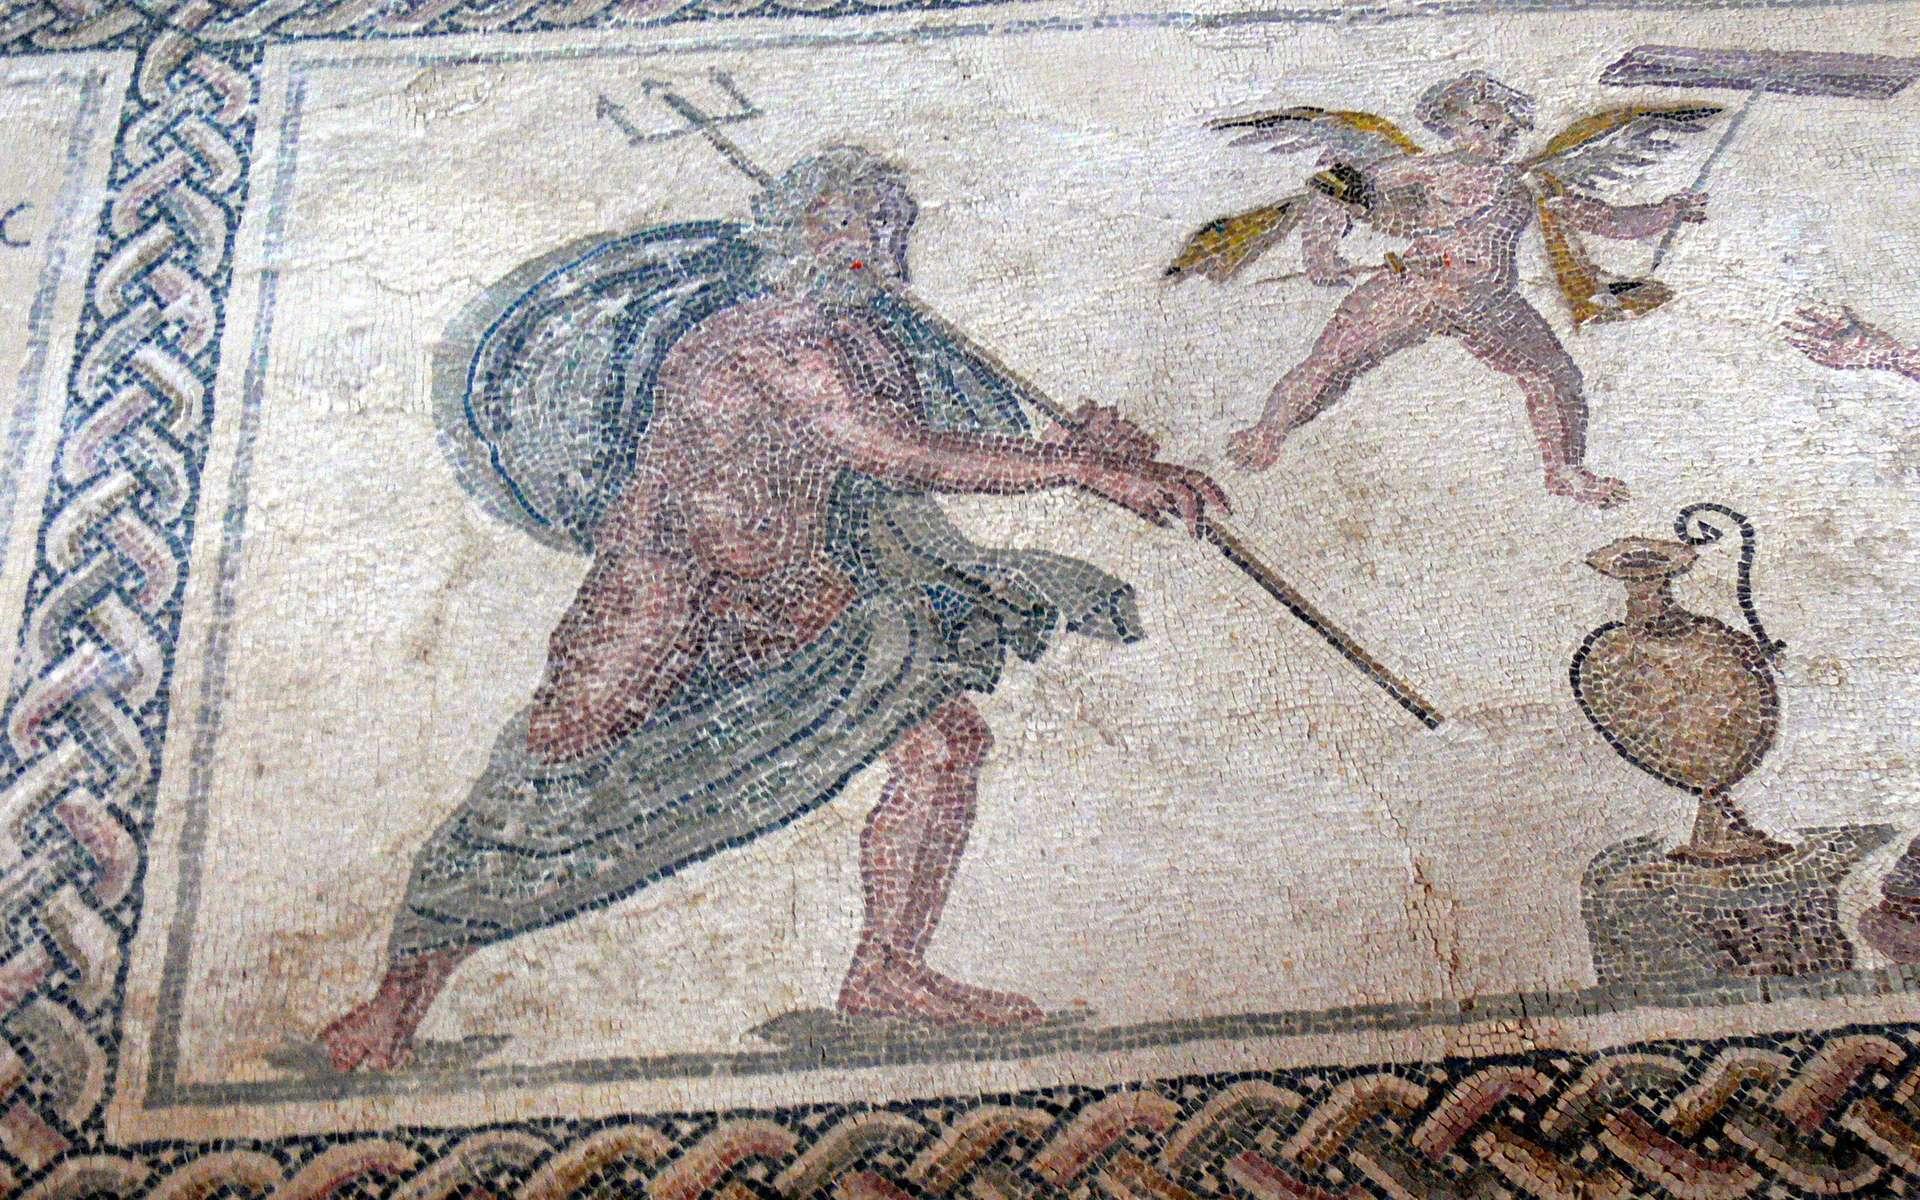 Poséidon, dieu des océans, était un des principaux dieux de la mythologie grecque. © Wolfgang Sauber, Wikimedia Commons, cc by sa 3.0